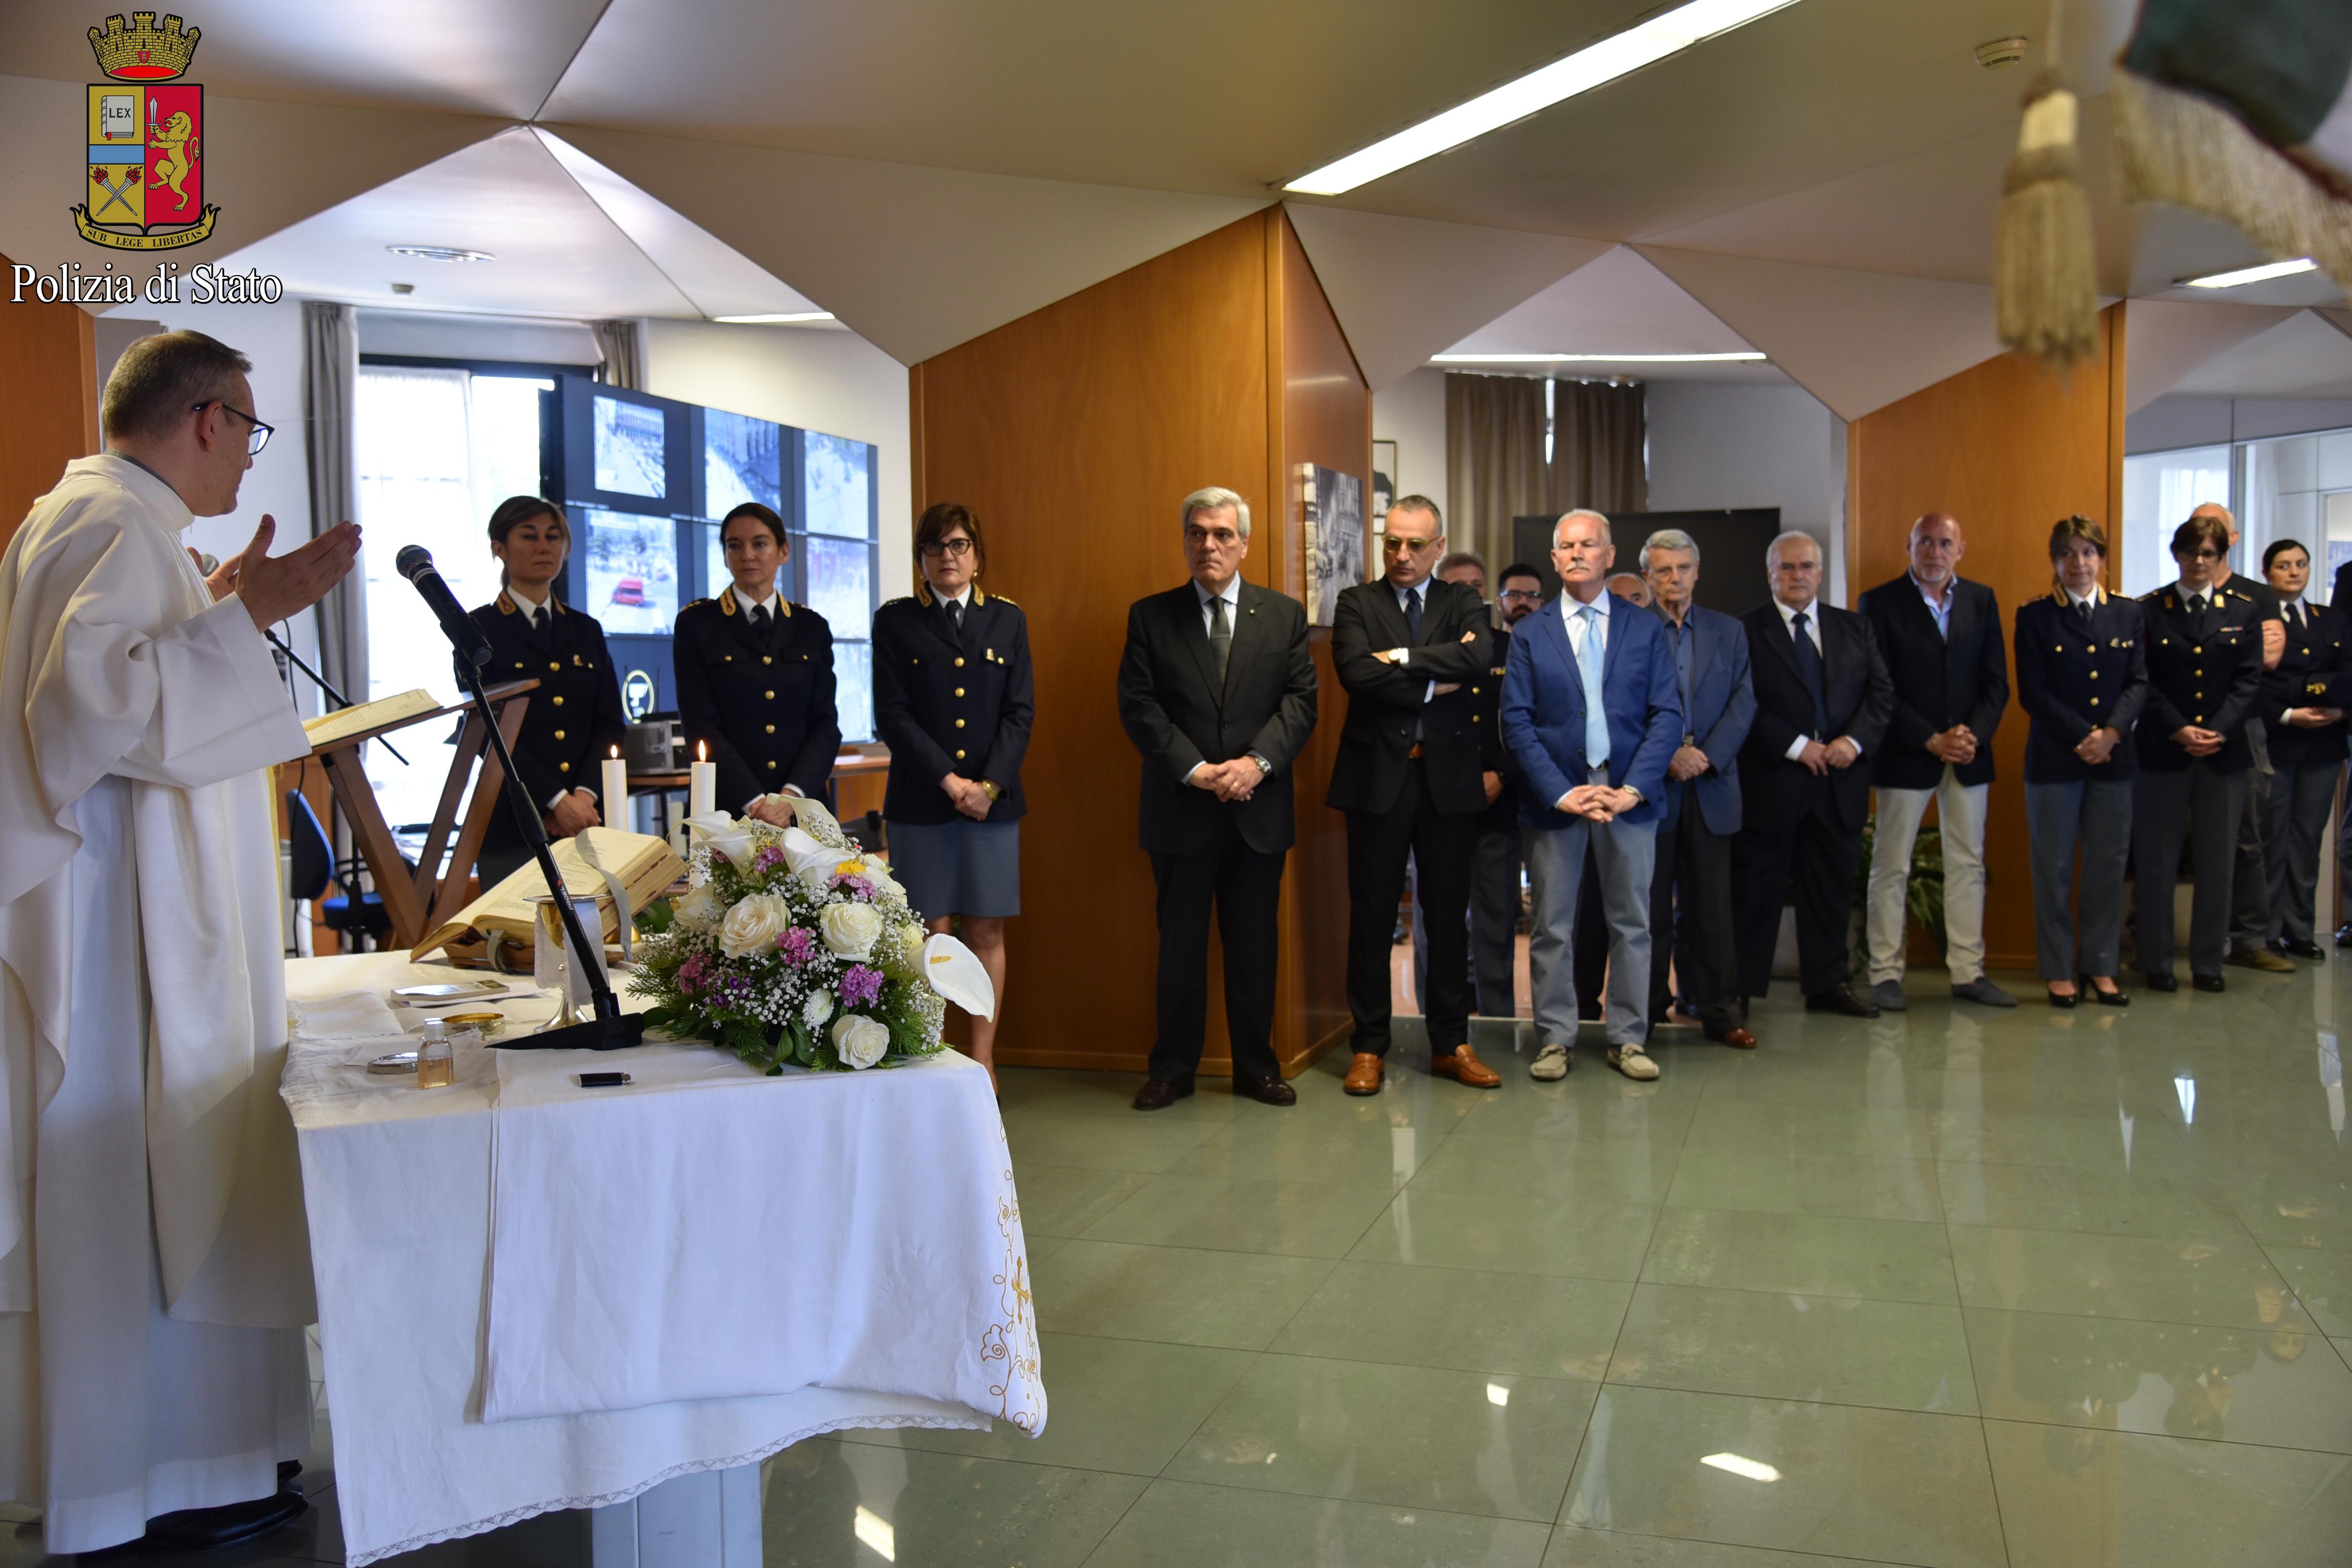 Polizia di stato questure sul web milano for Questura di trieste permesso di soggiorno